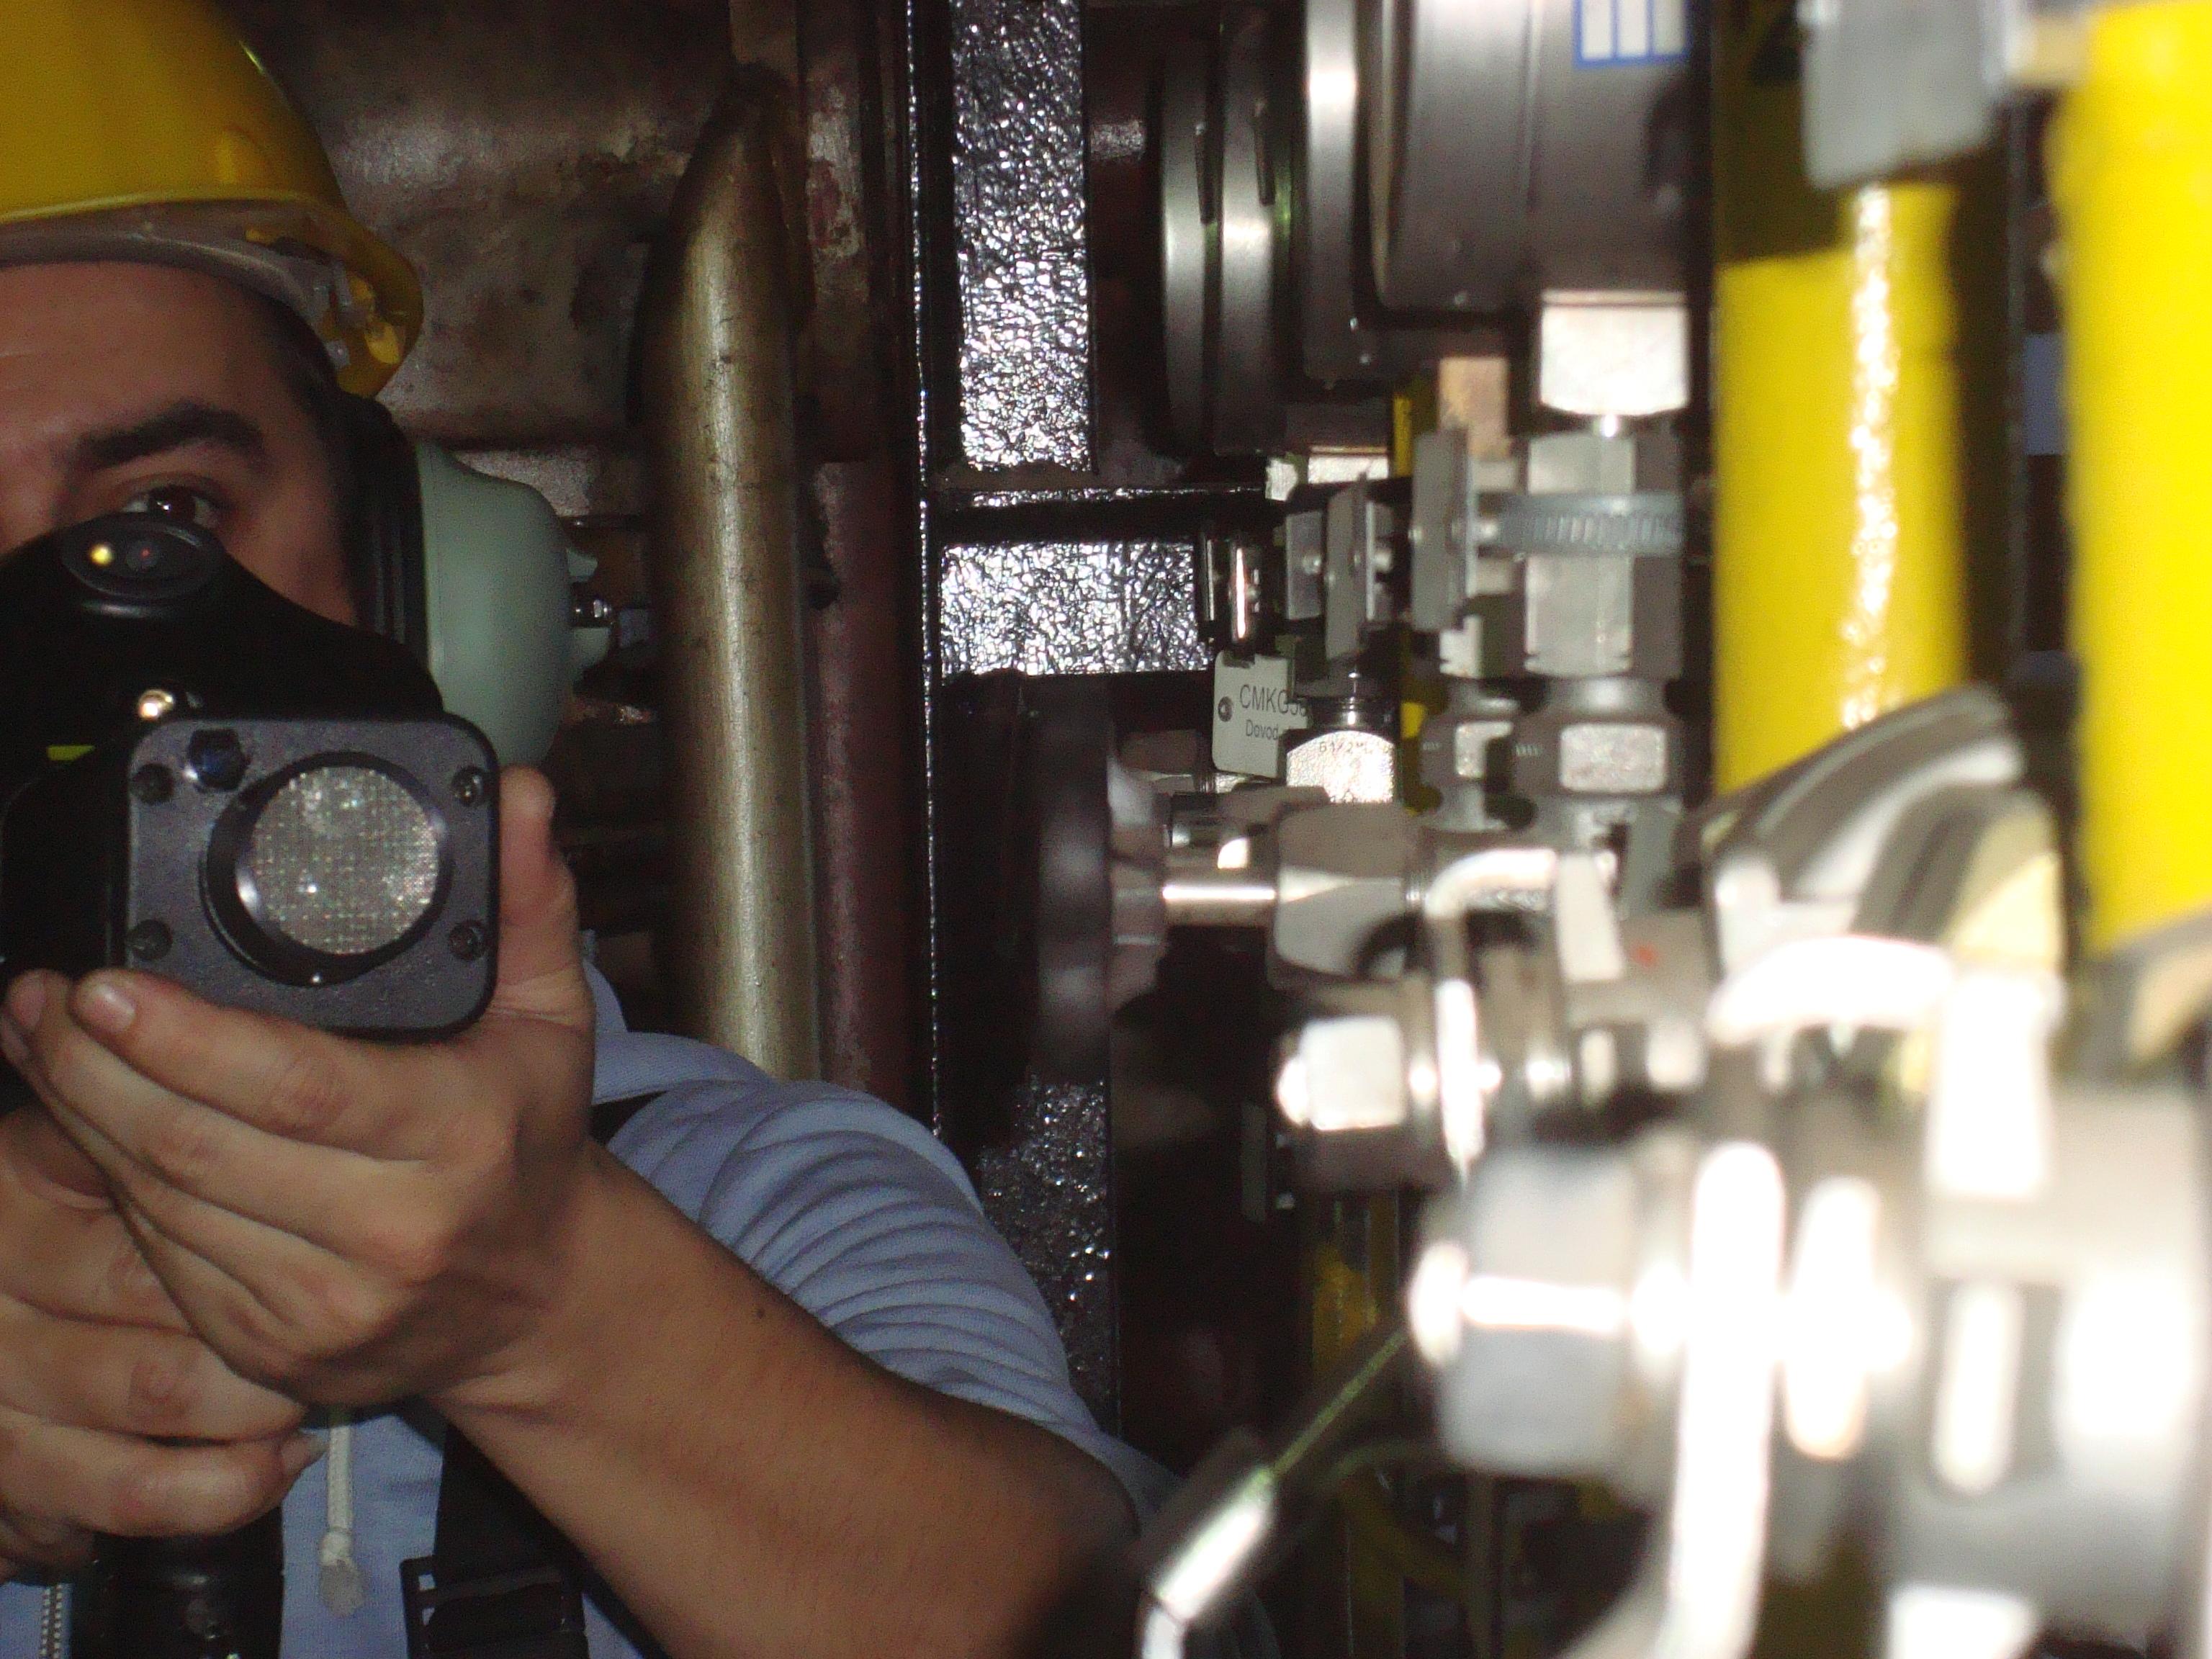 Ispitivanje instalacija tehničkih i medicinskih plinova